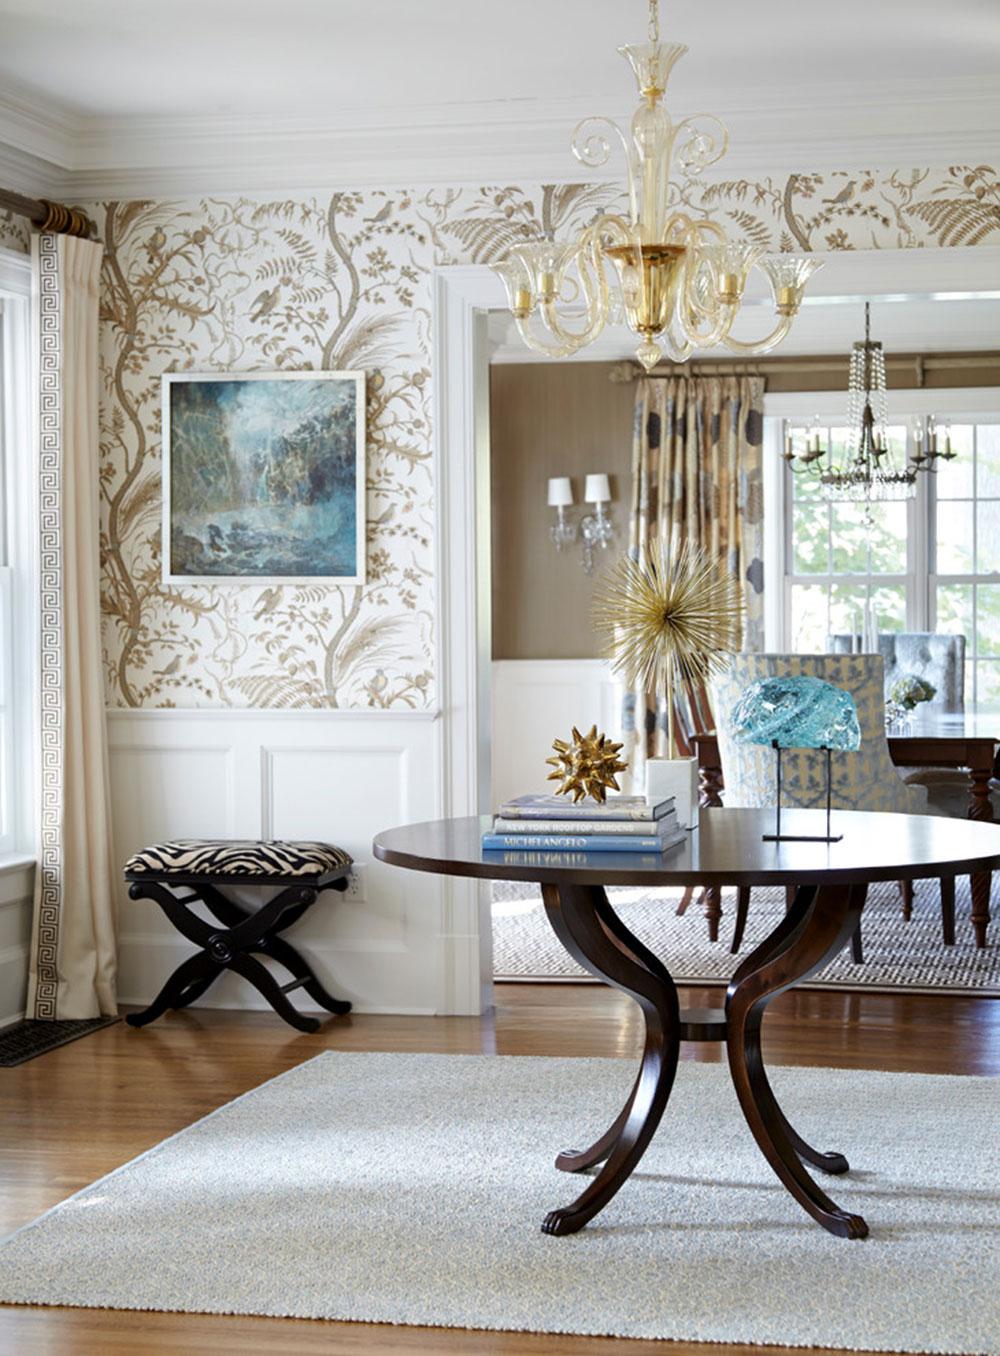 Tips för att dekorera ett rum med tvåfärgade väggar 12 tips för att dekorera ett rum med tvåfärgade väggar